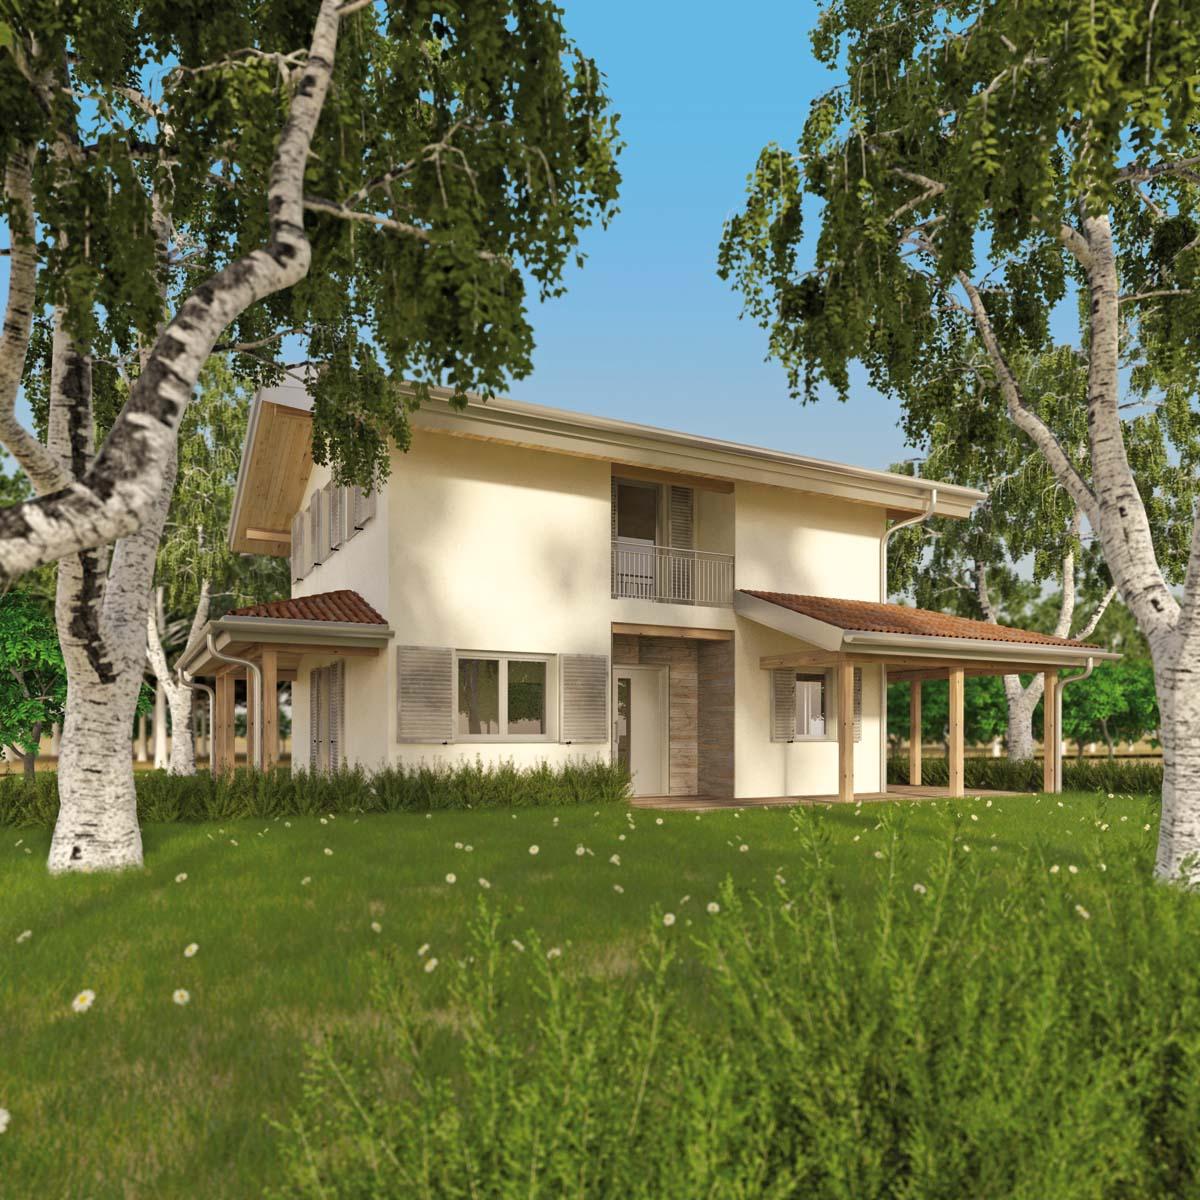 Villa da costruire su terreno edificabile a circa 5 km da Avellino